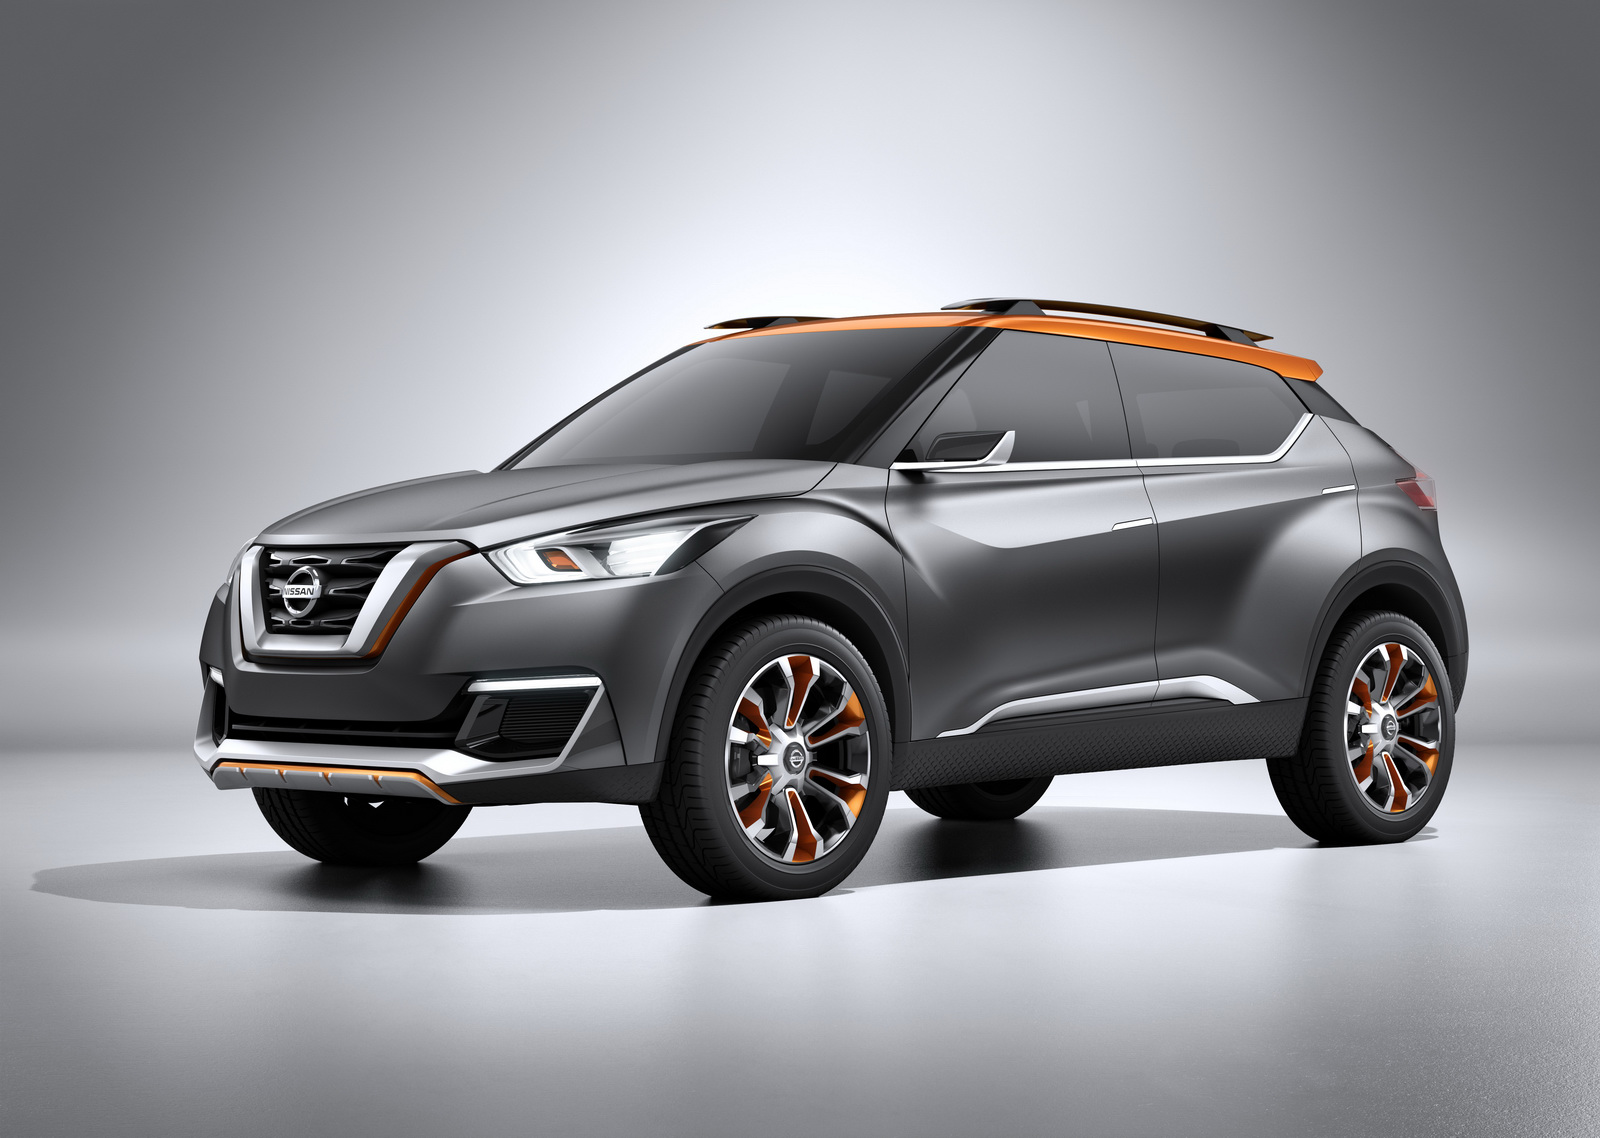 Nissan-Kicks-Concept-23 WWW.PRUEBAUTOS.COM.AR c867babd0e0d